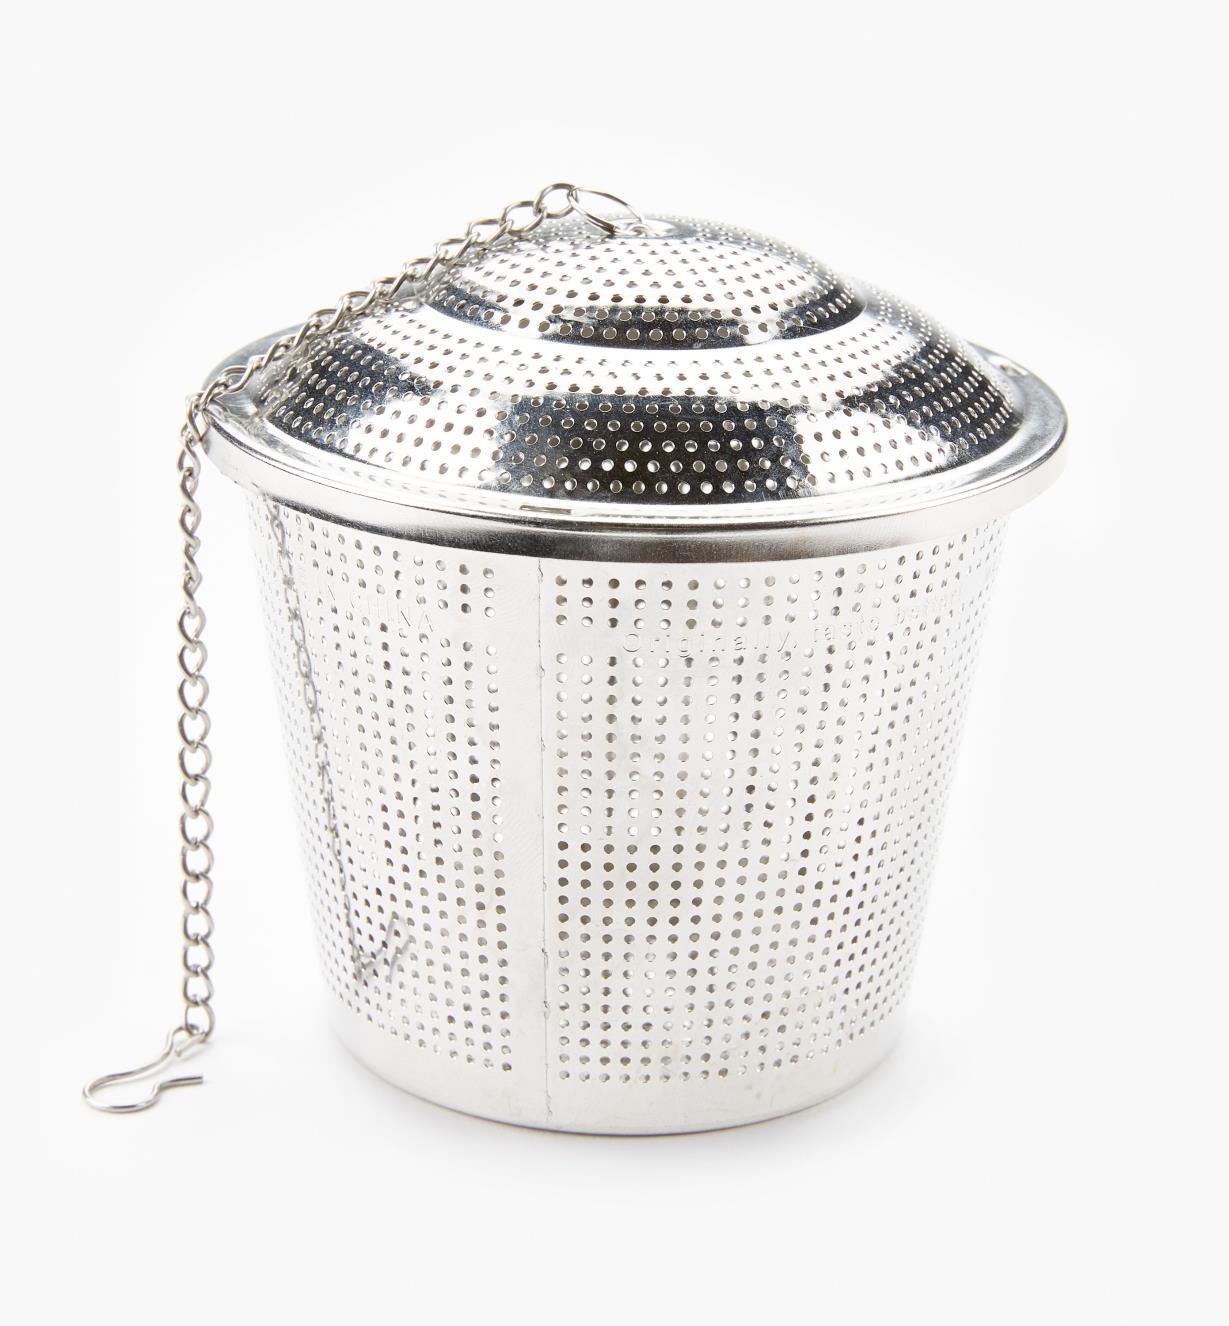 EM242 - Large Infuser Basket